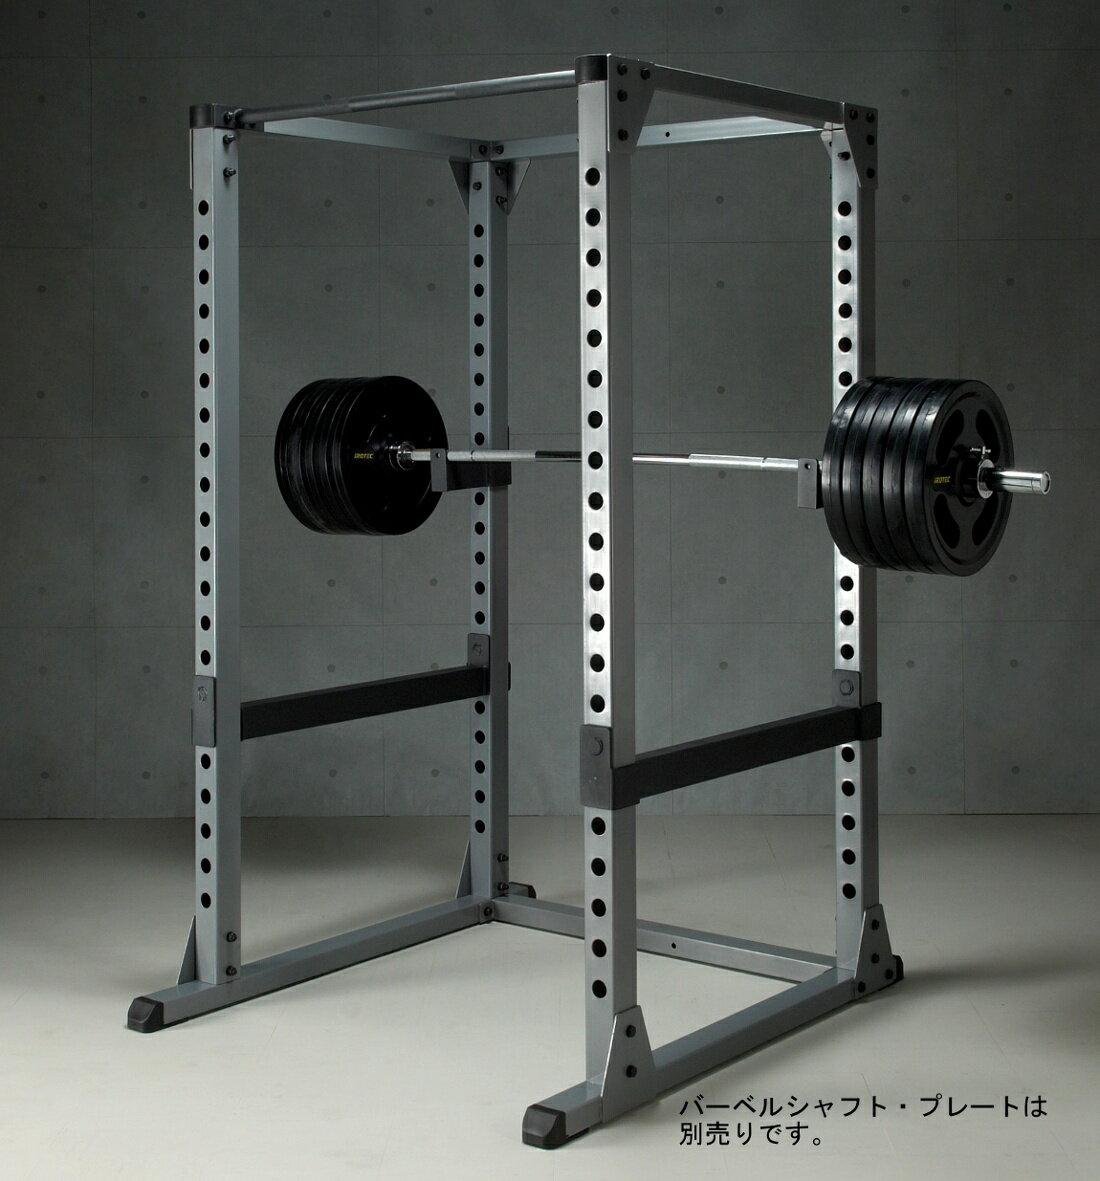 【予約販売:次回入荷予定は5月上旬頃】IROTEC(アイロテック)パワーラックHPM/バーベル ベンチプレス 筋トレ トレーニング器具 トレーニングマシン ホームジム 懸垂 ウエイトトレーニング 筋力トレーニング パワーリフティング